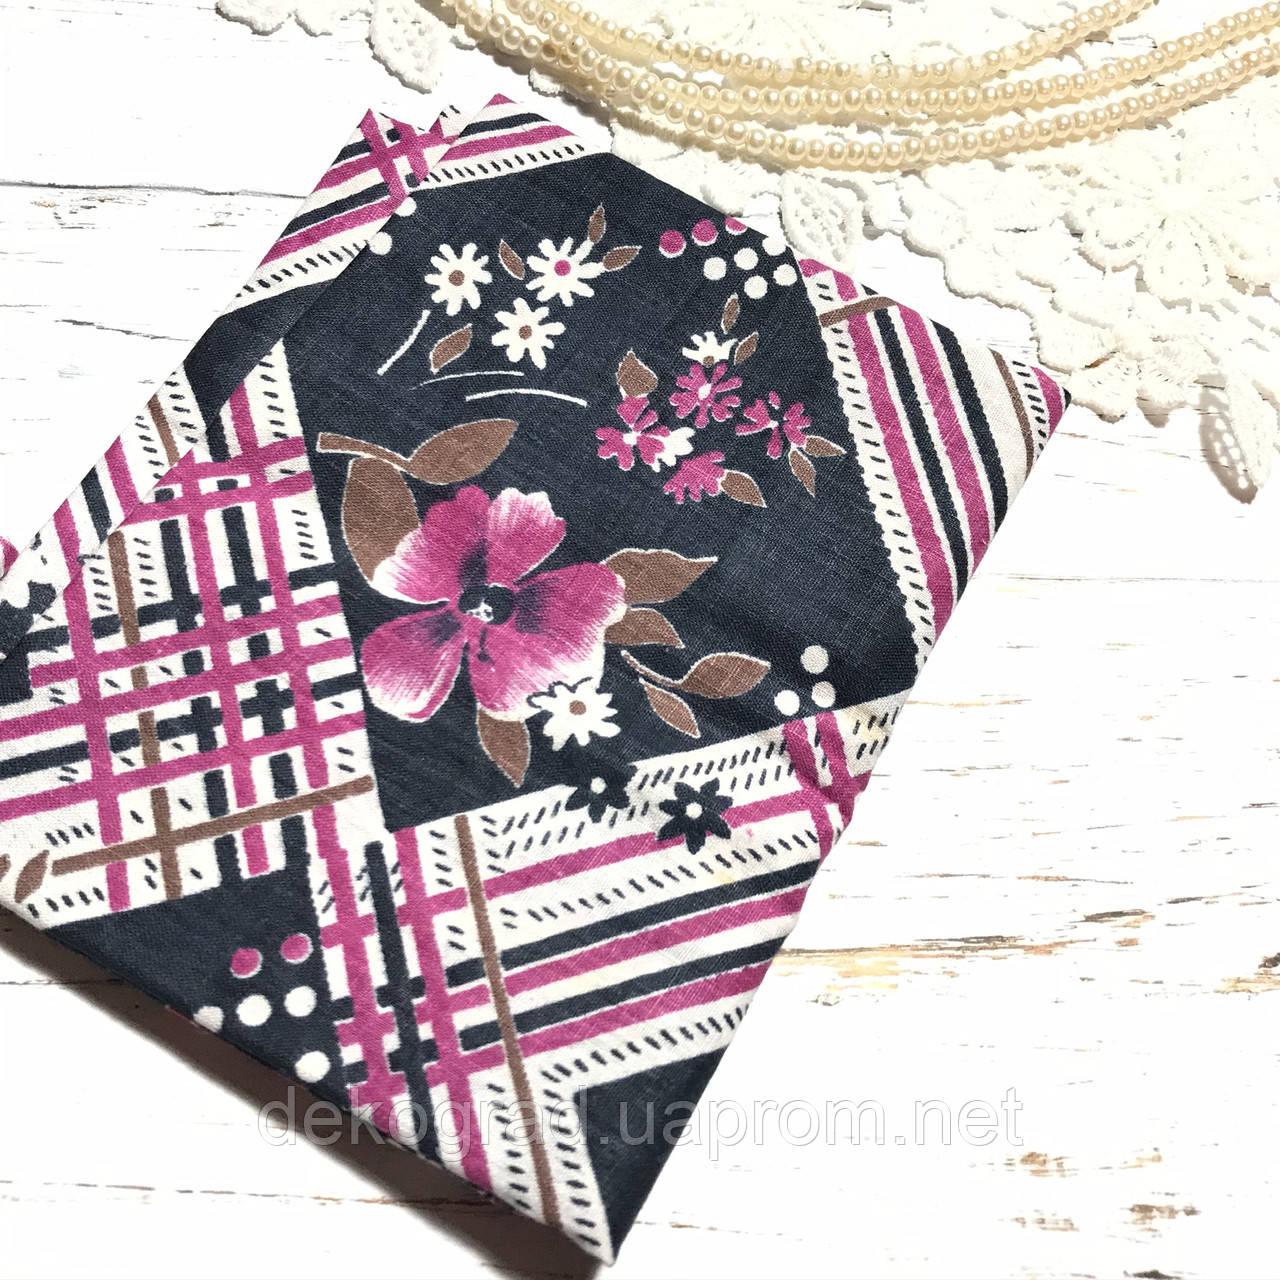 Ткань хлопок 61х46см Цветы и полосы